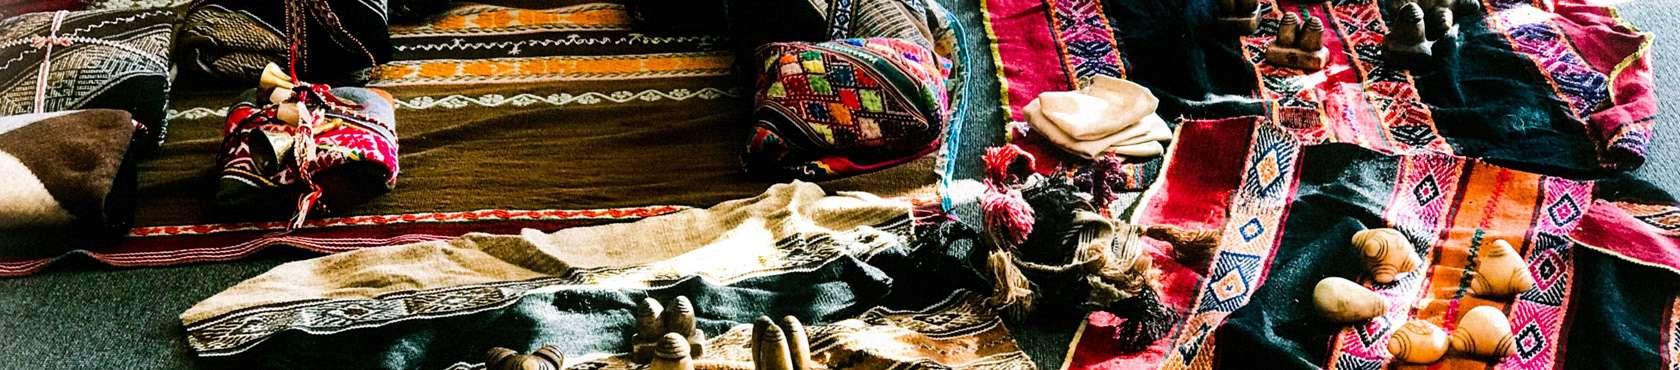 Reisegruppe Magisches Peru 2017